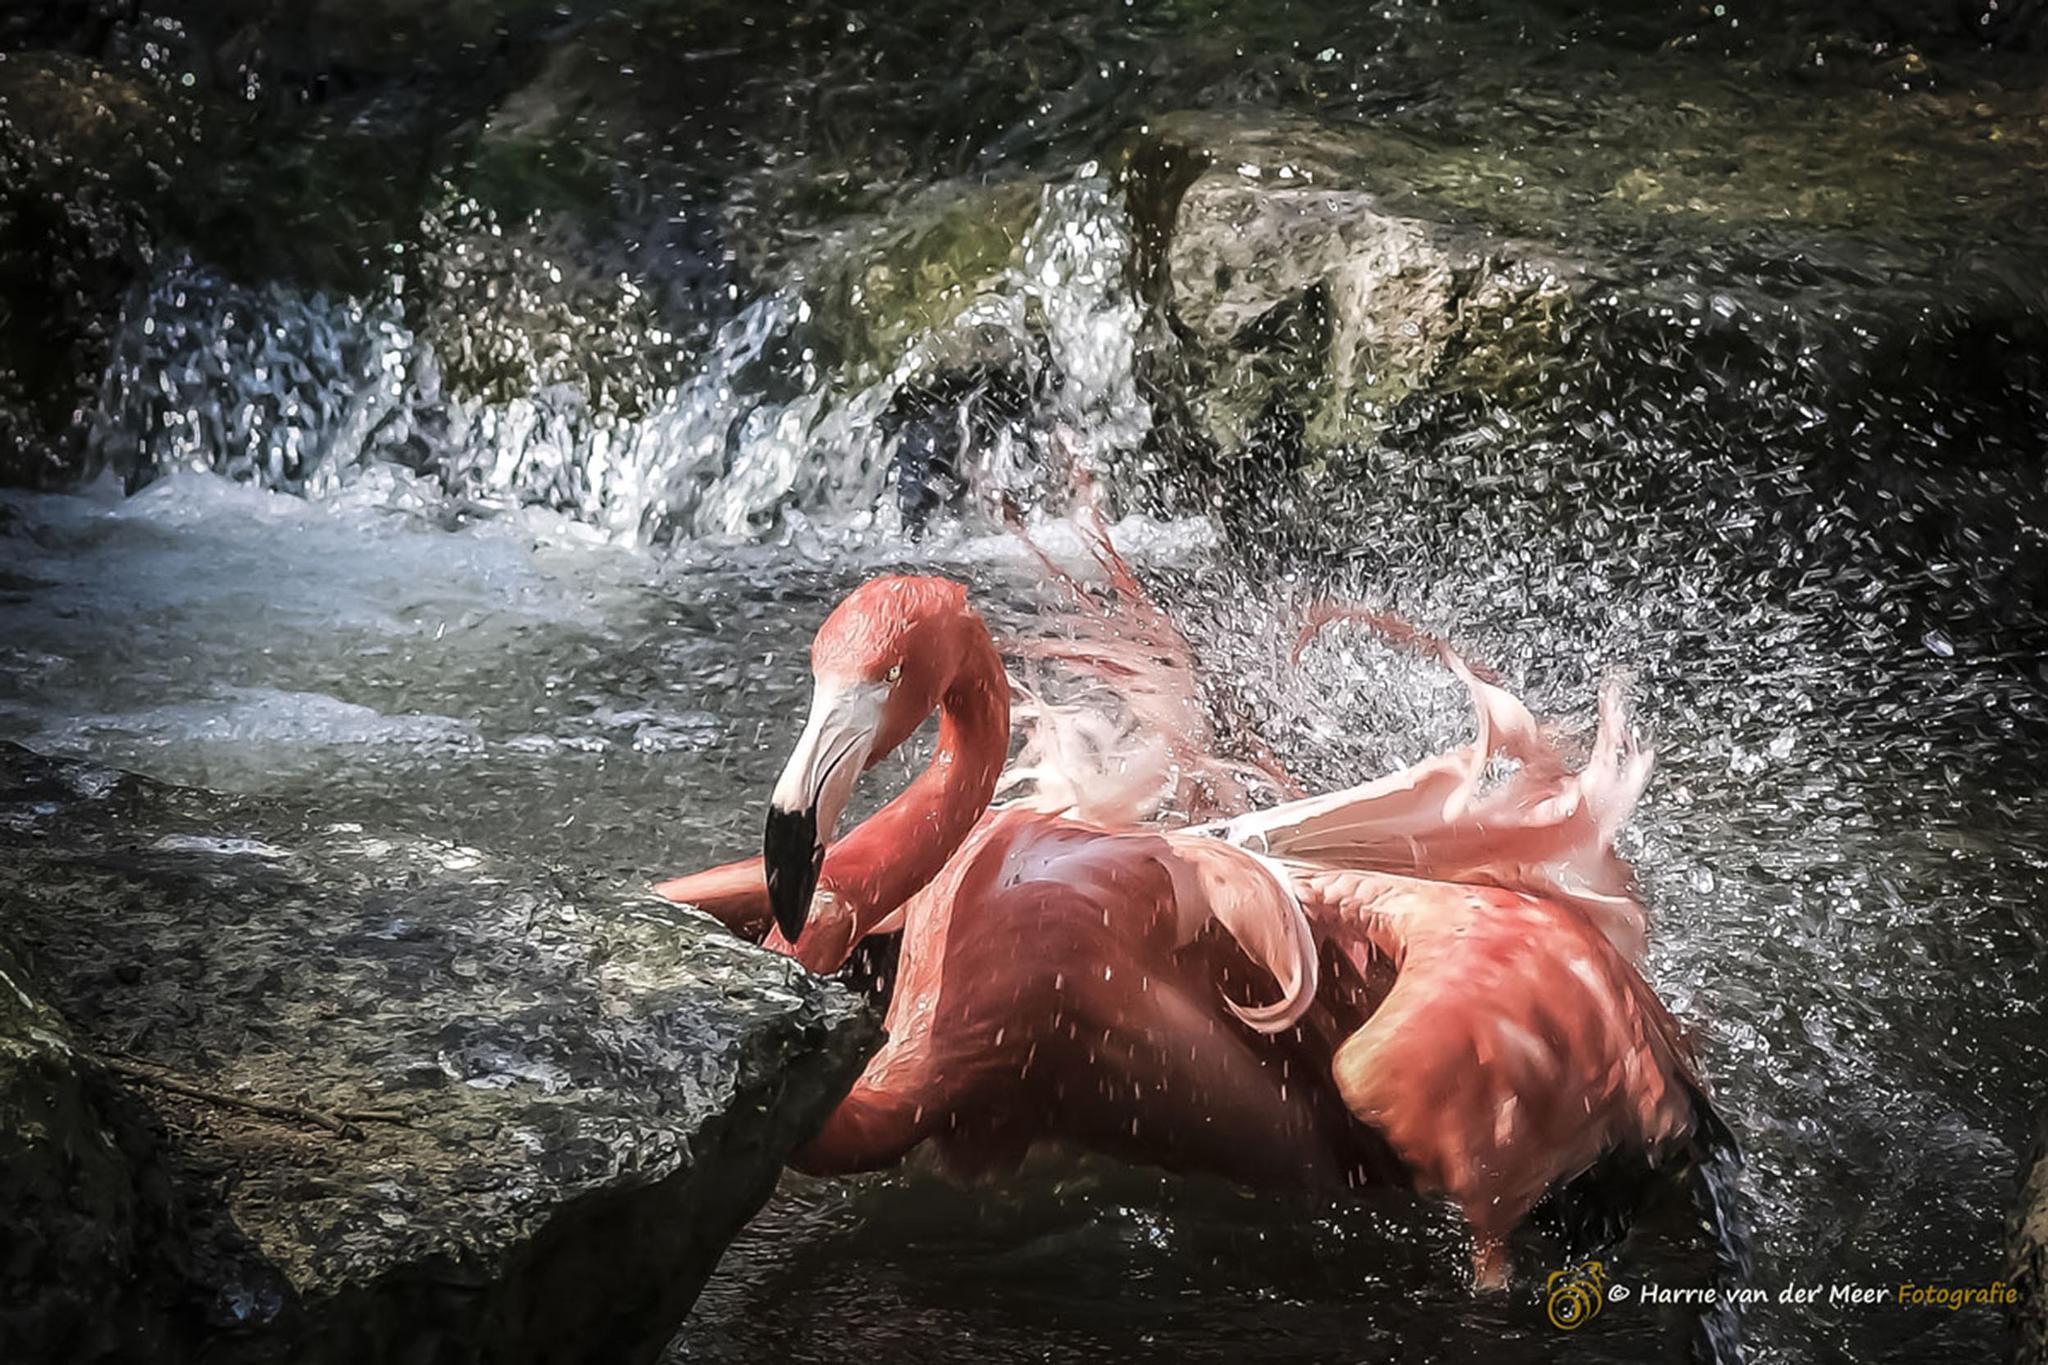 Splashing by Harrie van der Meer Fotografie